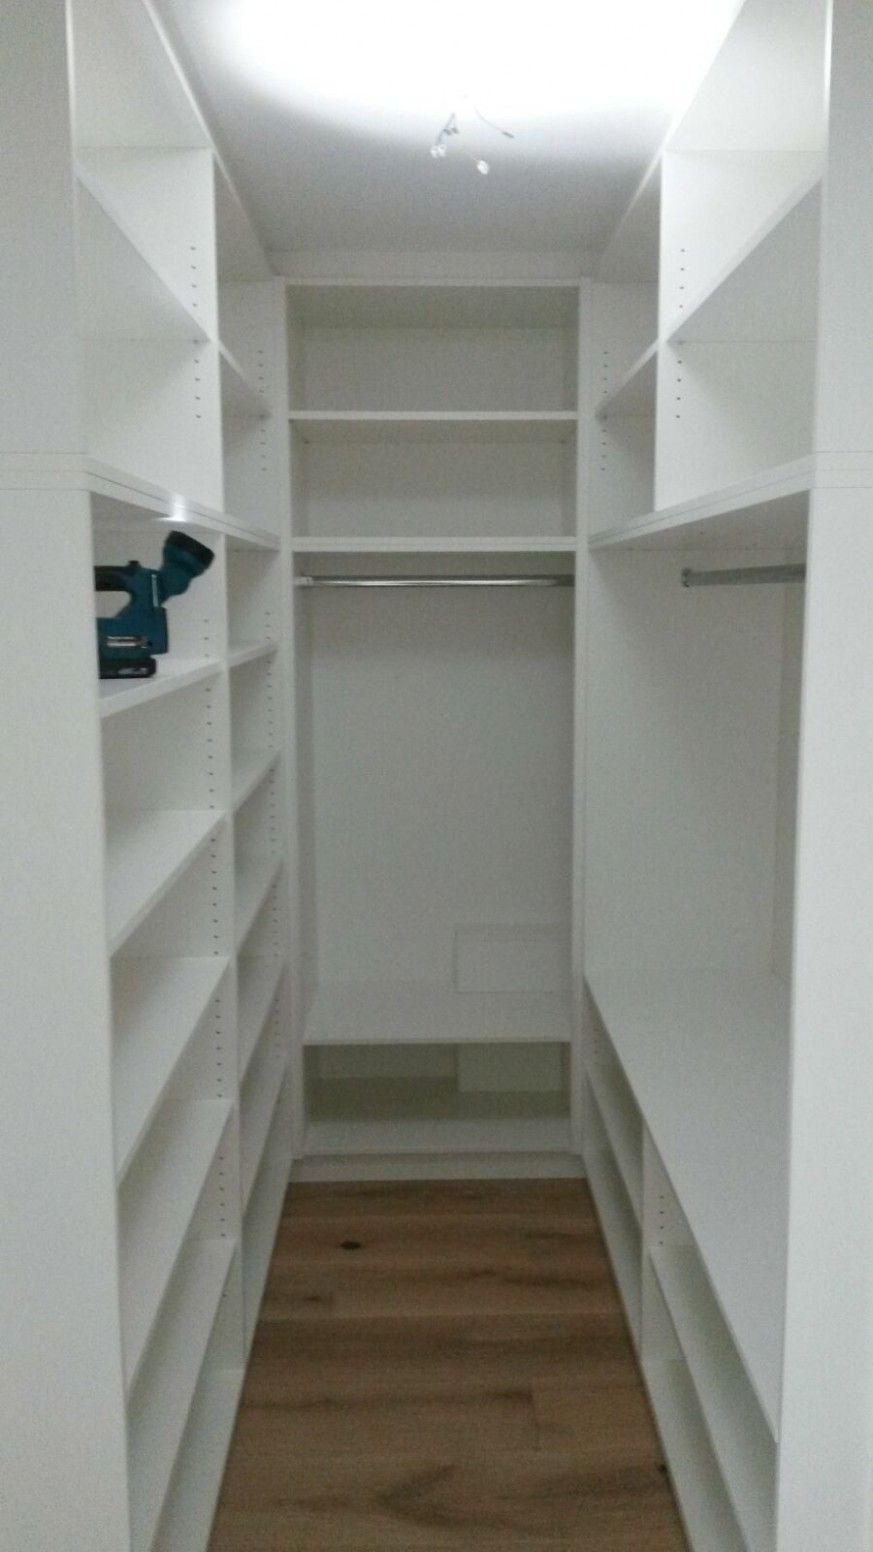 Schlafzimmer Ideen Für Kleine Räume Ikea in 2020